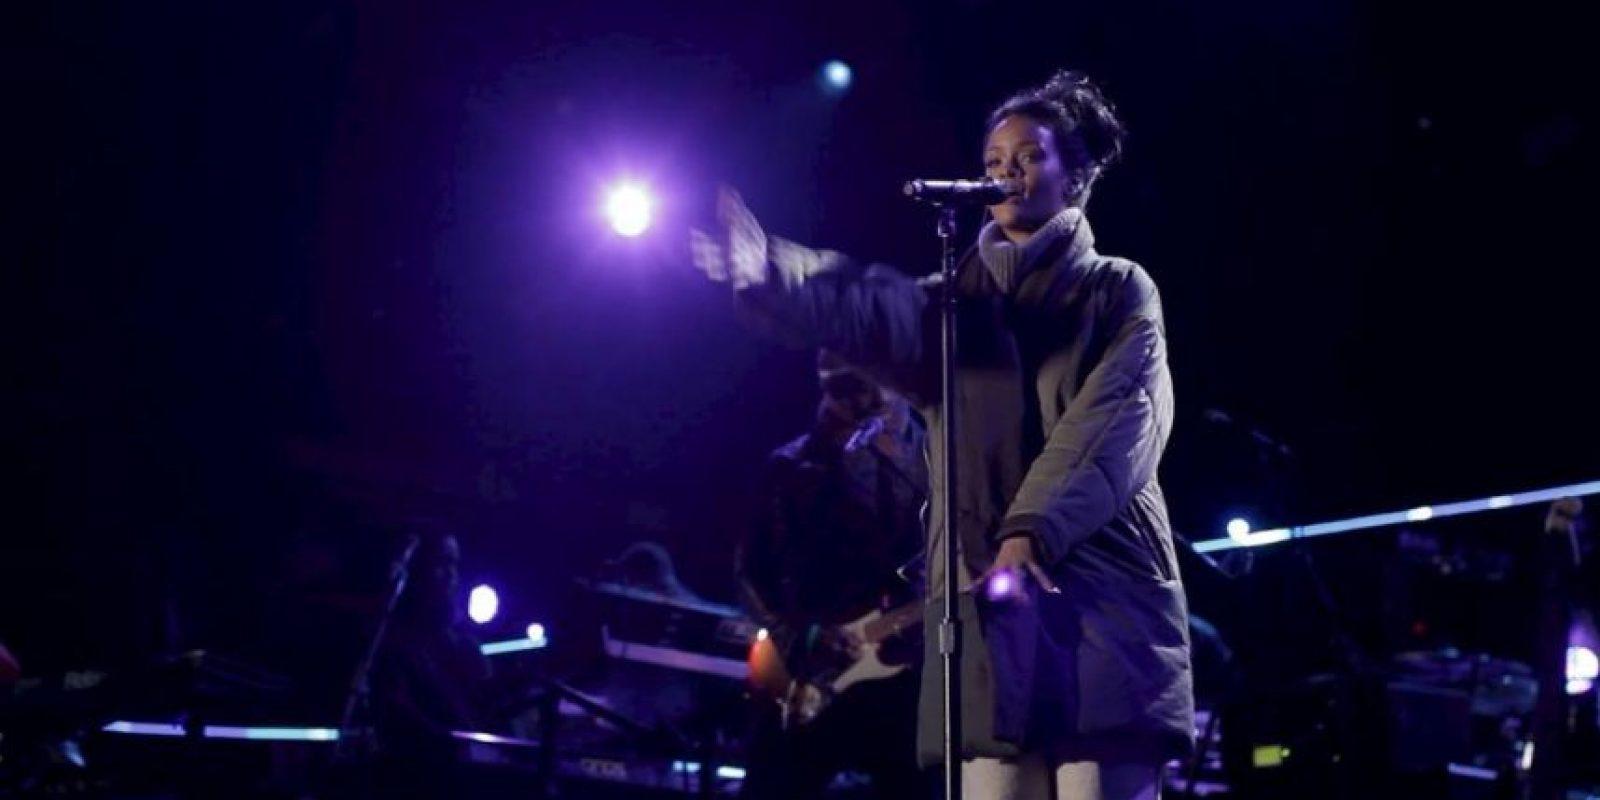 """La artista viajó hasta Washington para cantar en el """"Concert for Valor"""", un concierto en honor a los veteranos de la guerra. Foto:Facebook/Rihanna"""